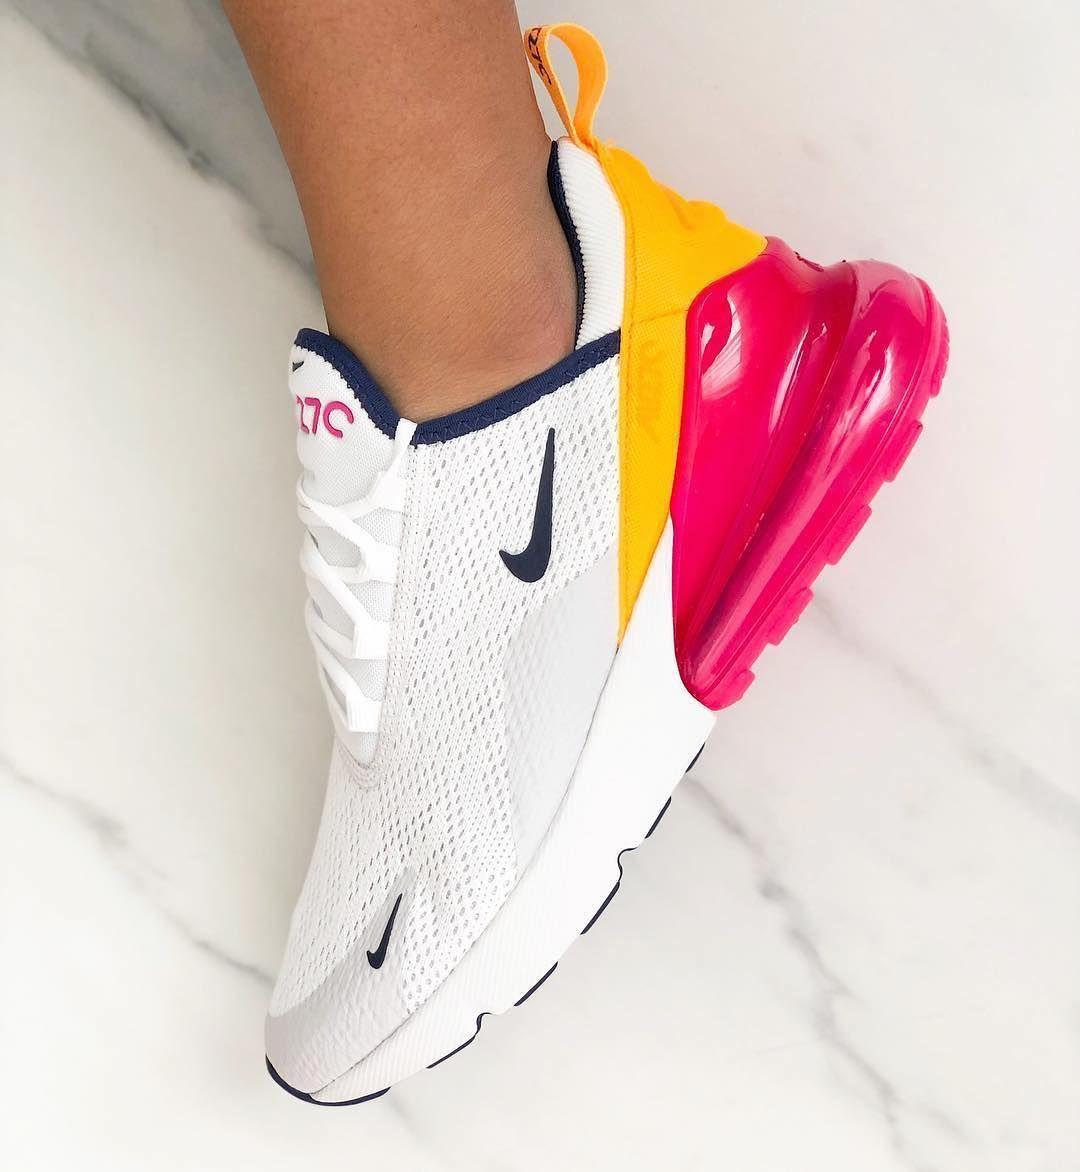 Sneakeraddicted On Instagram Nike Air Max 270 Midnight Pack Link In Bio Um Zu Shoppen Brandneue Nike Air Max Neue Nike Schuhe Turnschuhe Outfit